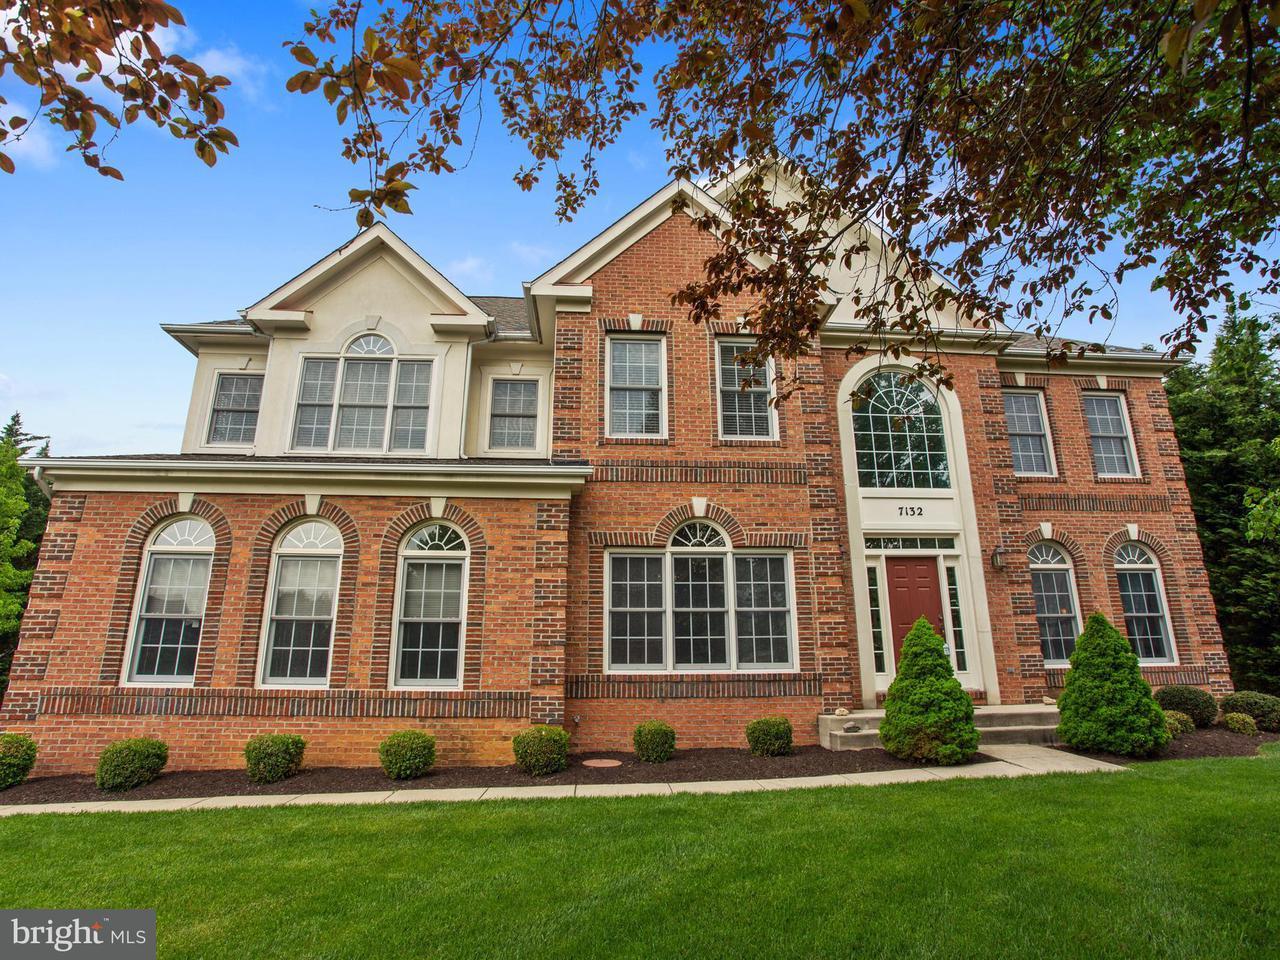 一戸建て のために 売買 アット 7132 Collingwood Court 7132 Collingwood Court Elkridge, メリーランド 21075 アメリカ合衆国